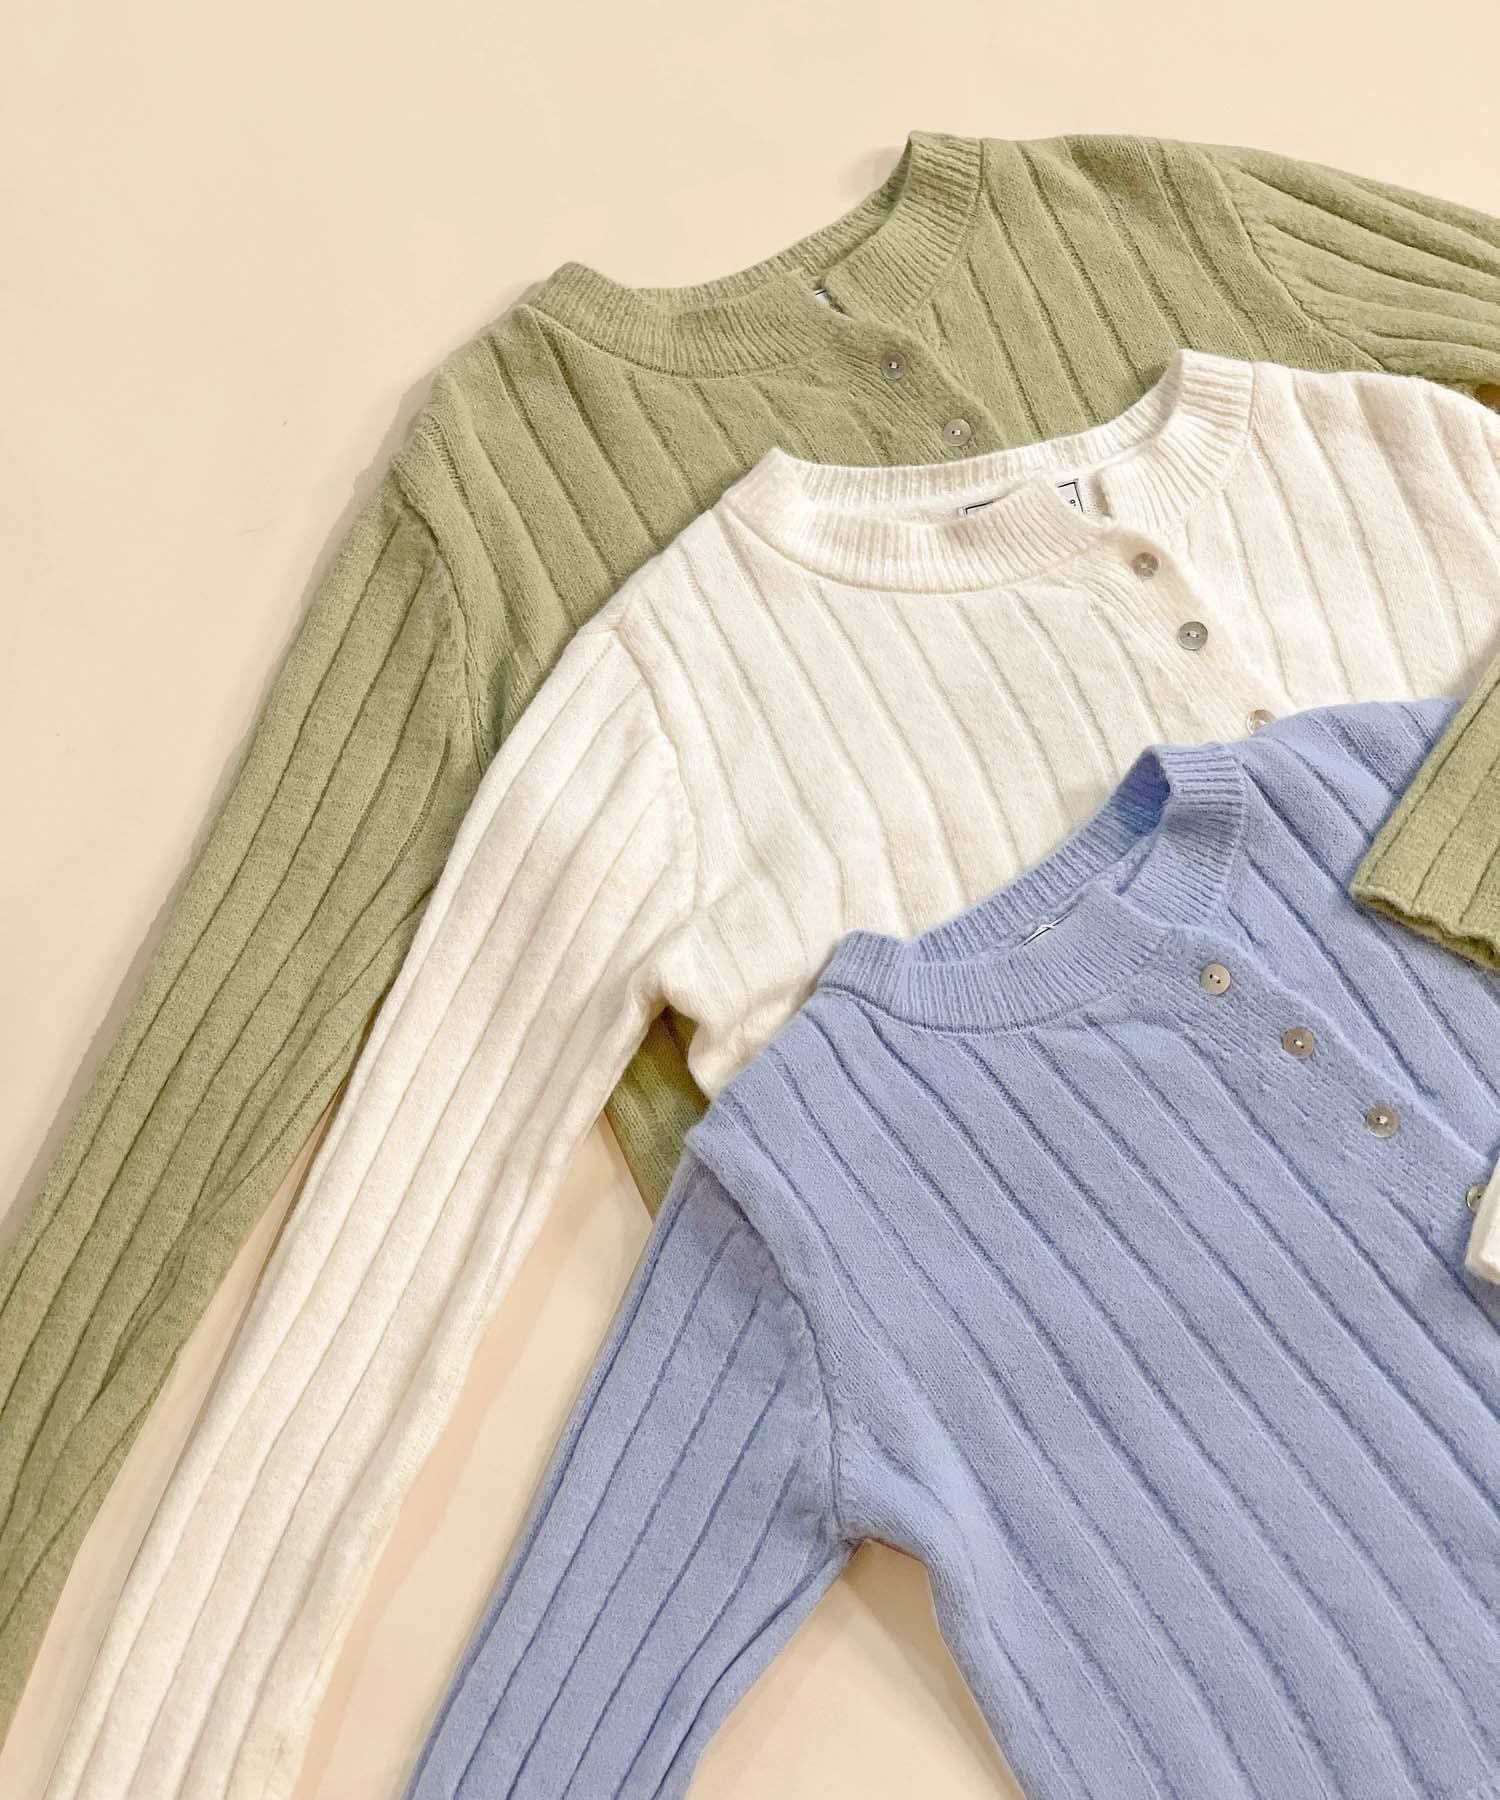 paulin-asymmetric-knit-sweater-bundle-of-3